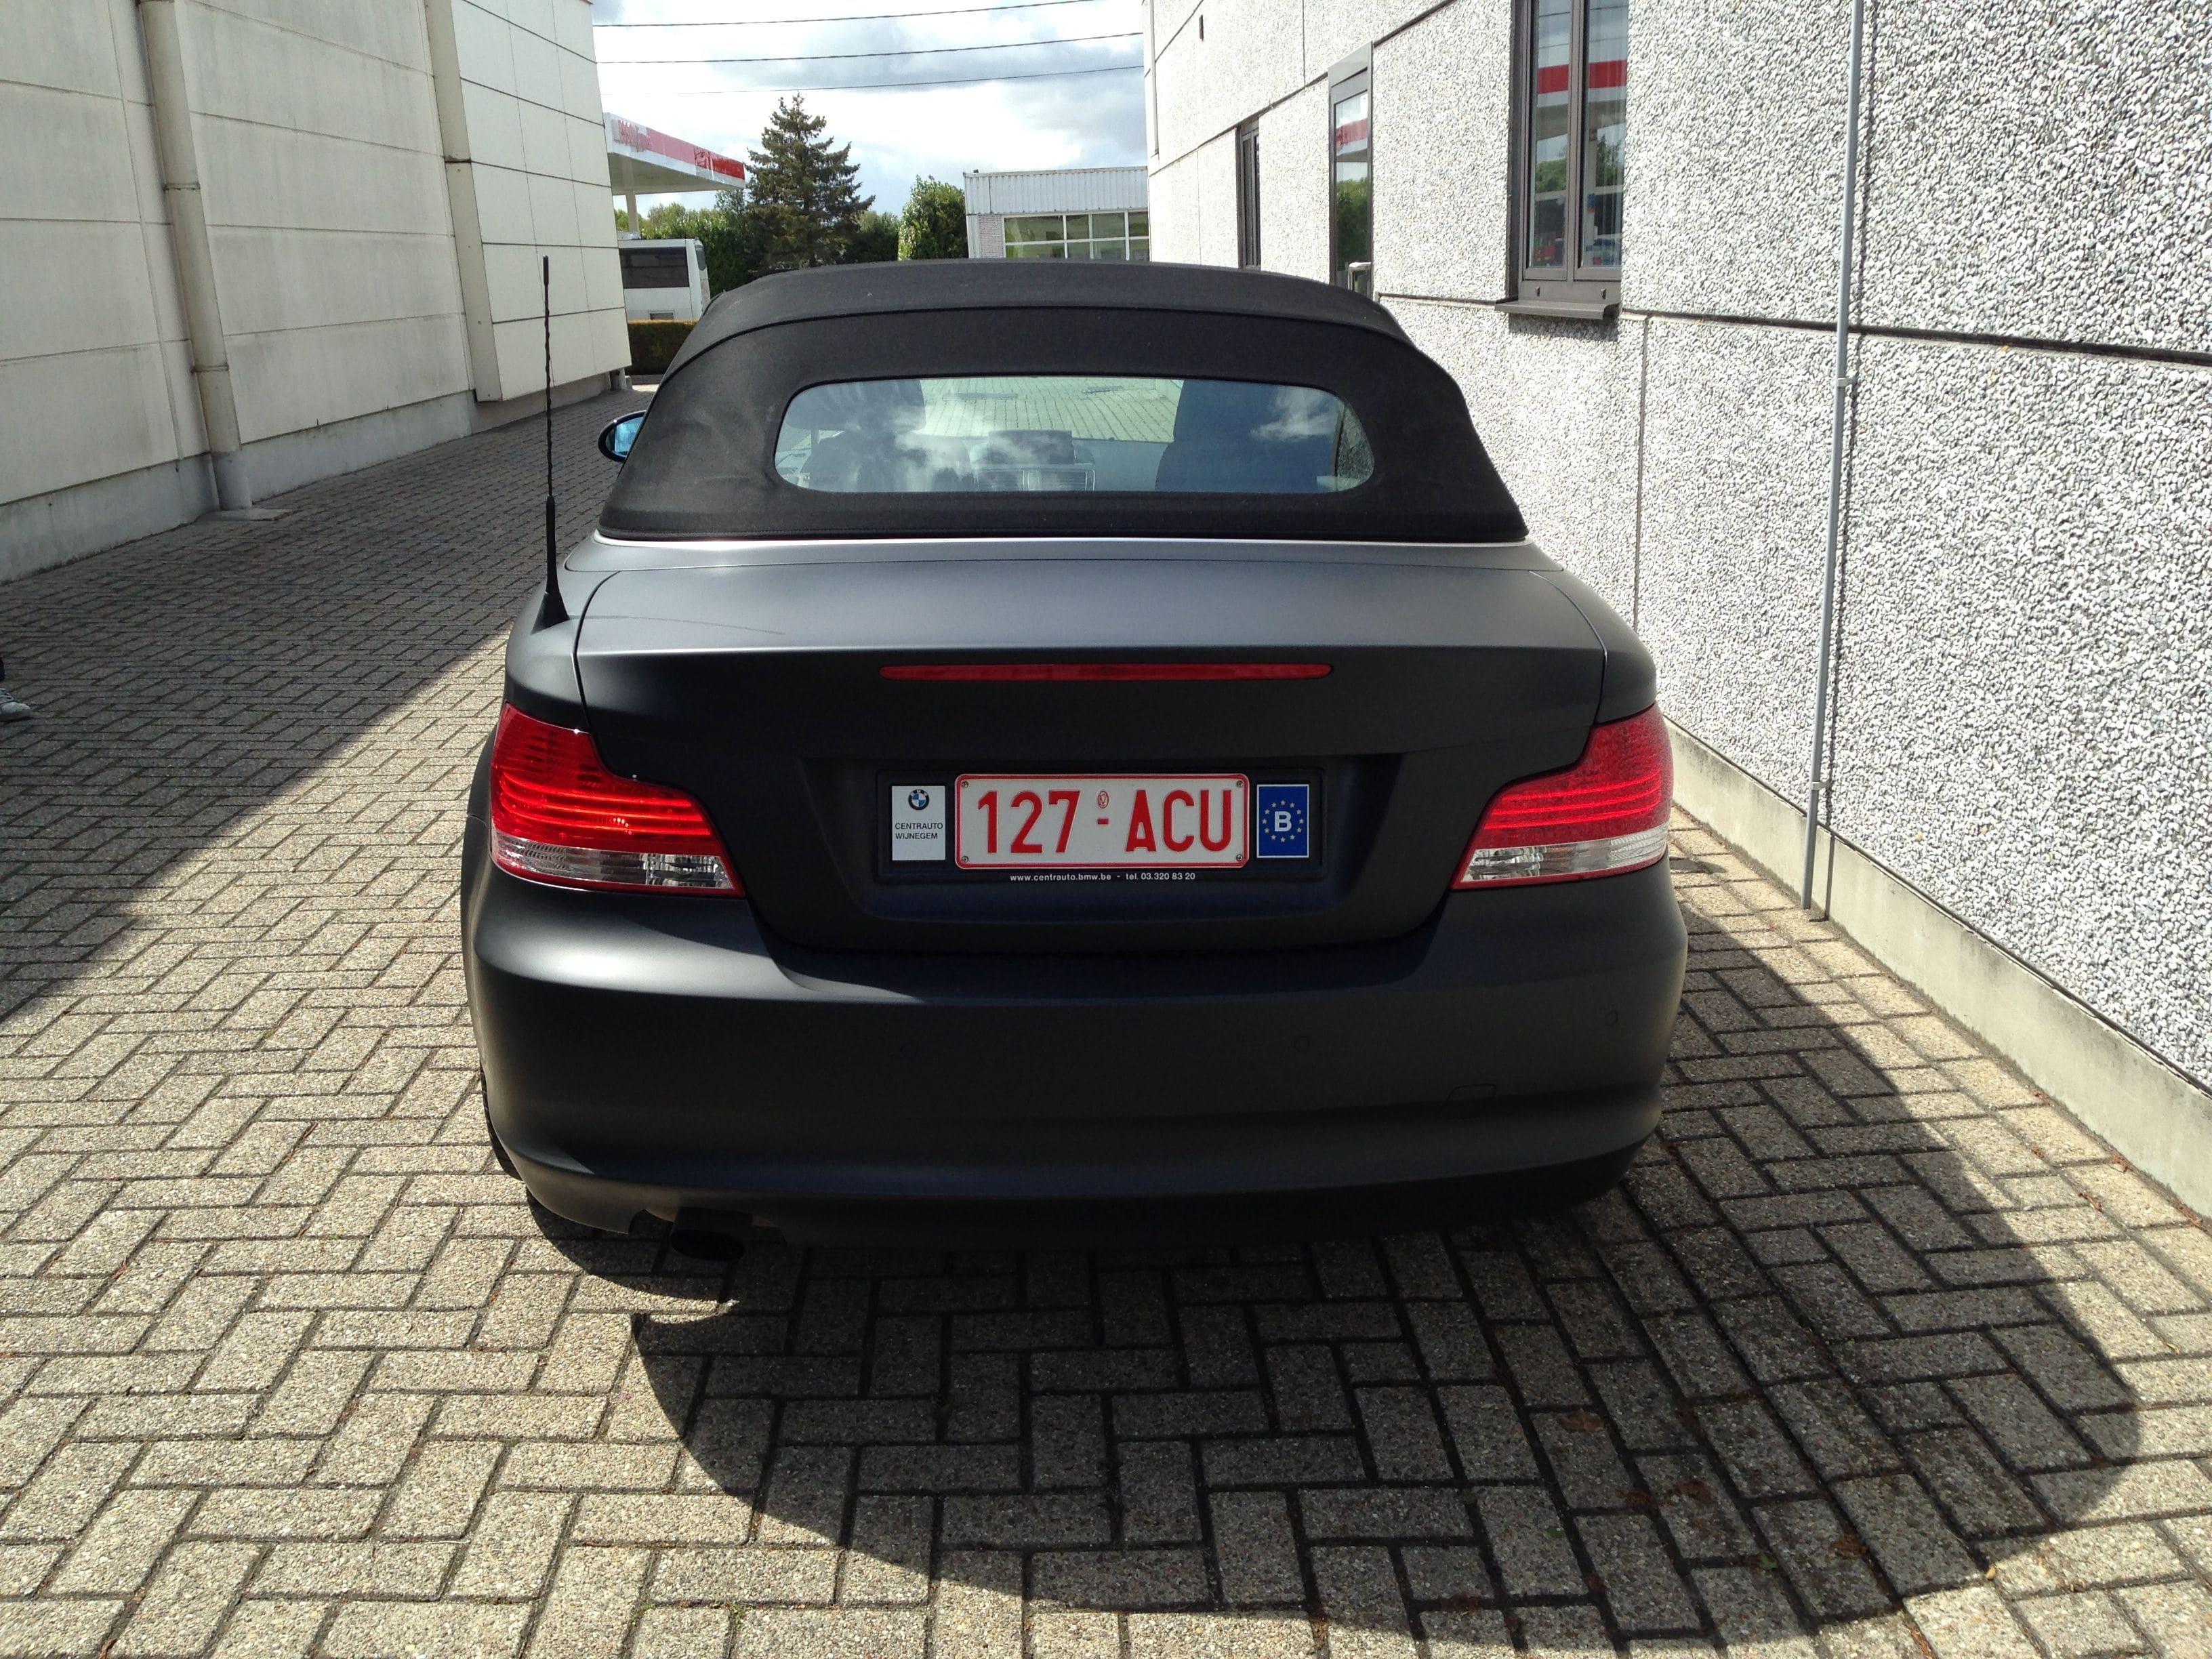 BMW 1 Serie Cabrio met Mat Zwarte Wrap, Carwrapping door Wrapmyride.nu Foto-nr:5195, ©2021